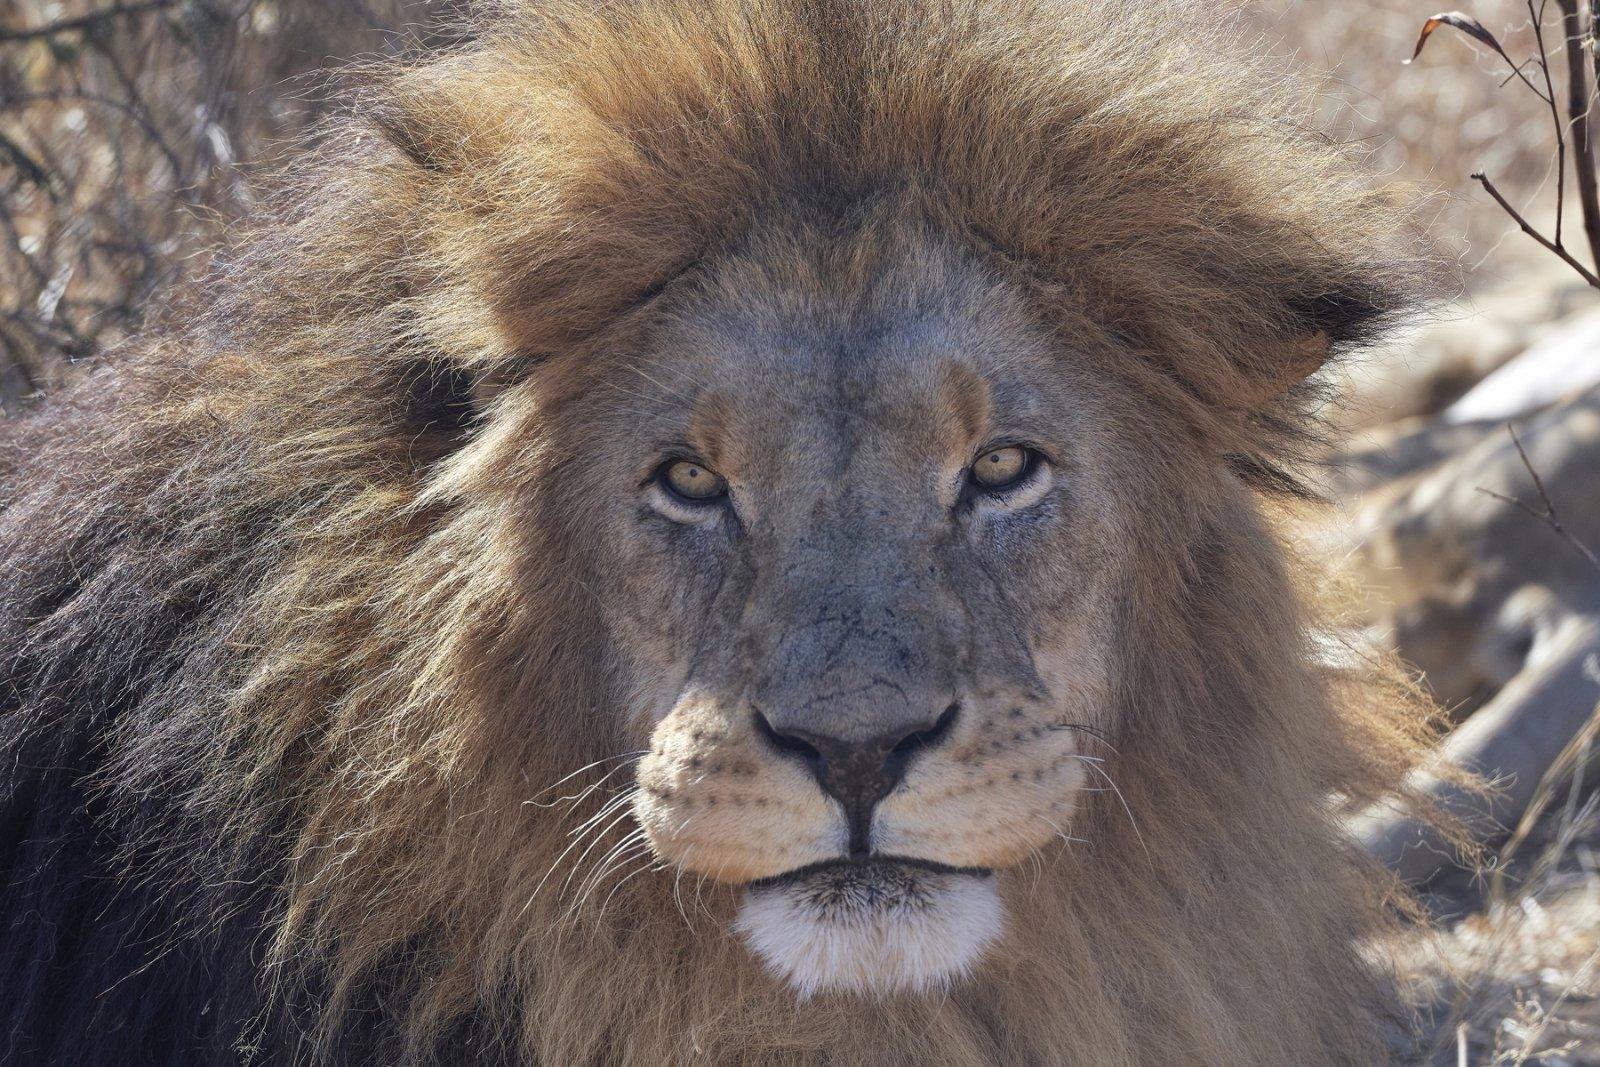 Lion1.thumb.jpg.f219b36ae6cfa78e06addbc274a8fc94.jpg